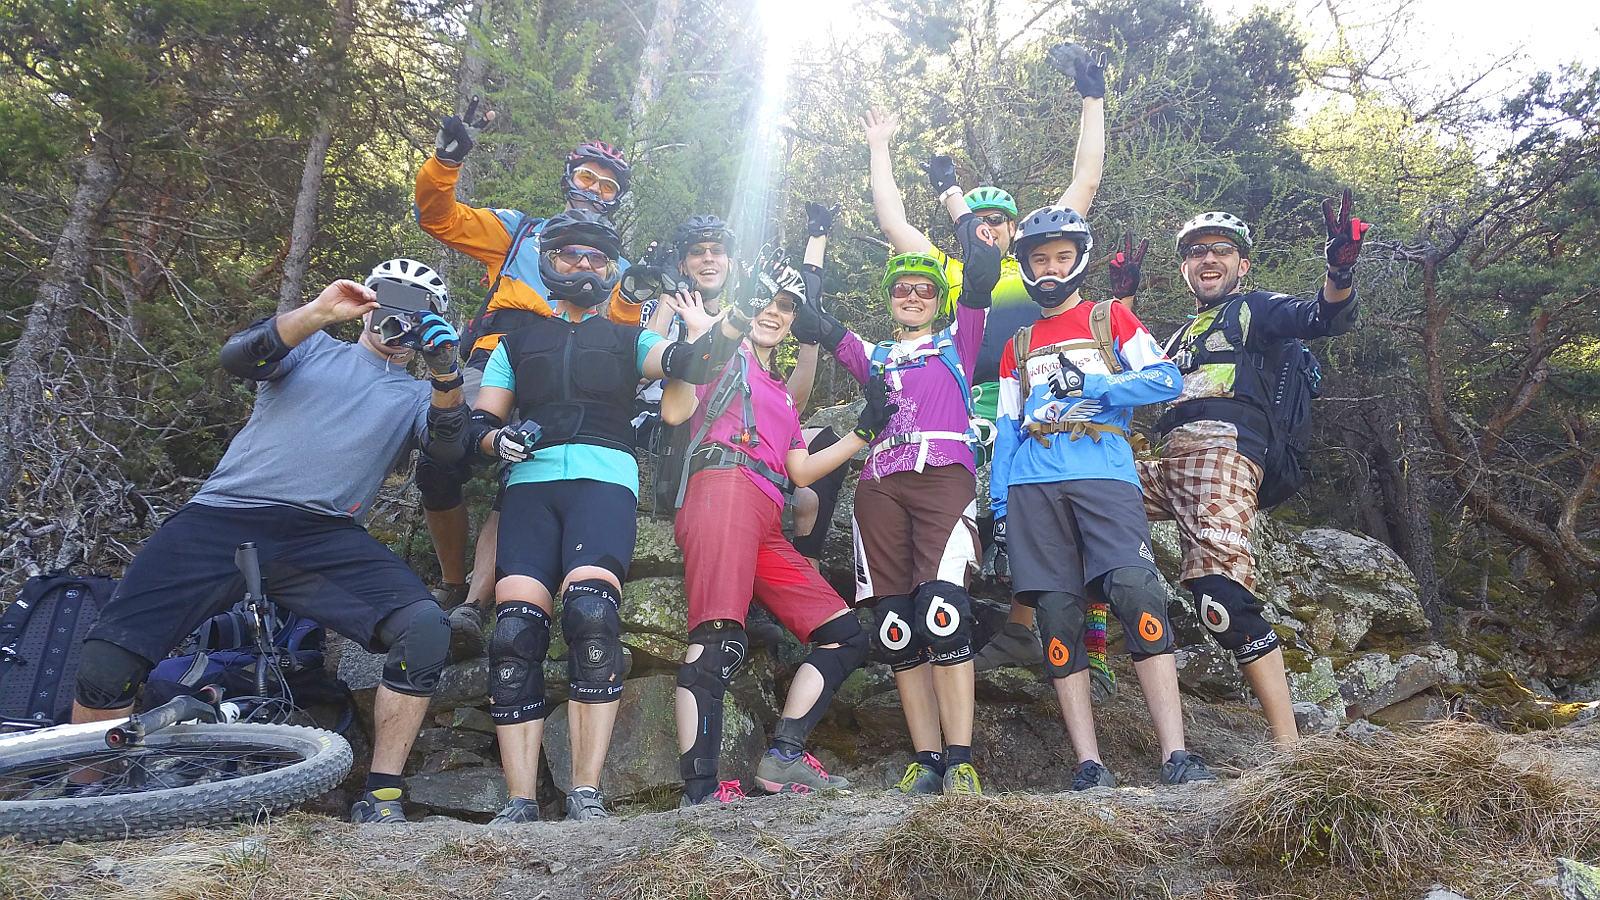 Spaß im Trailcamp